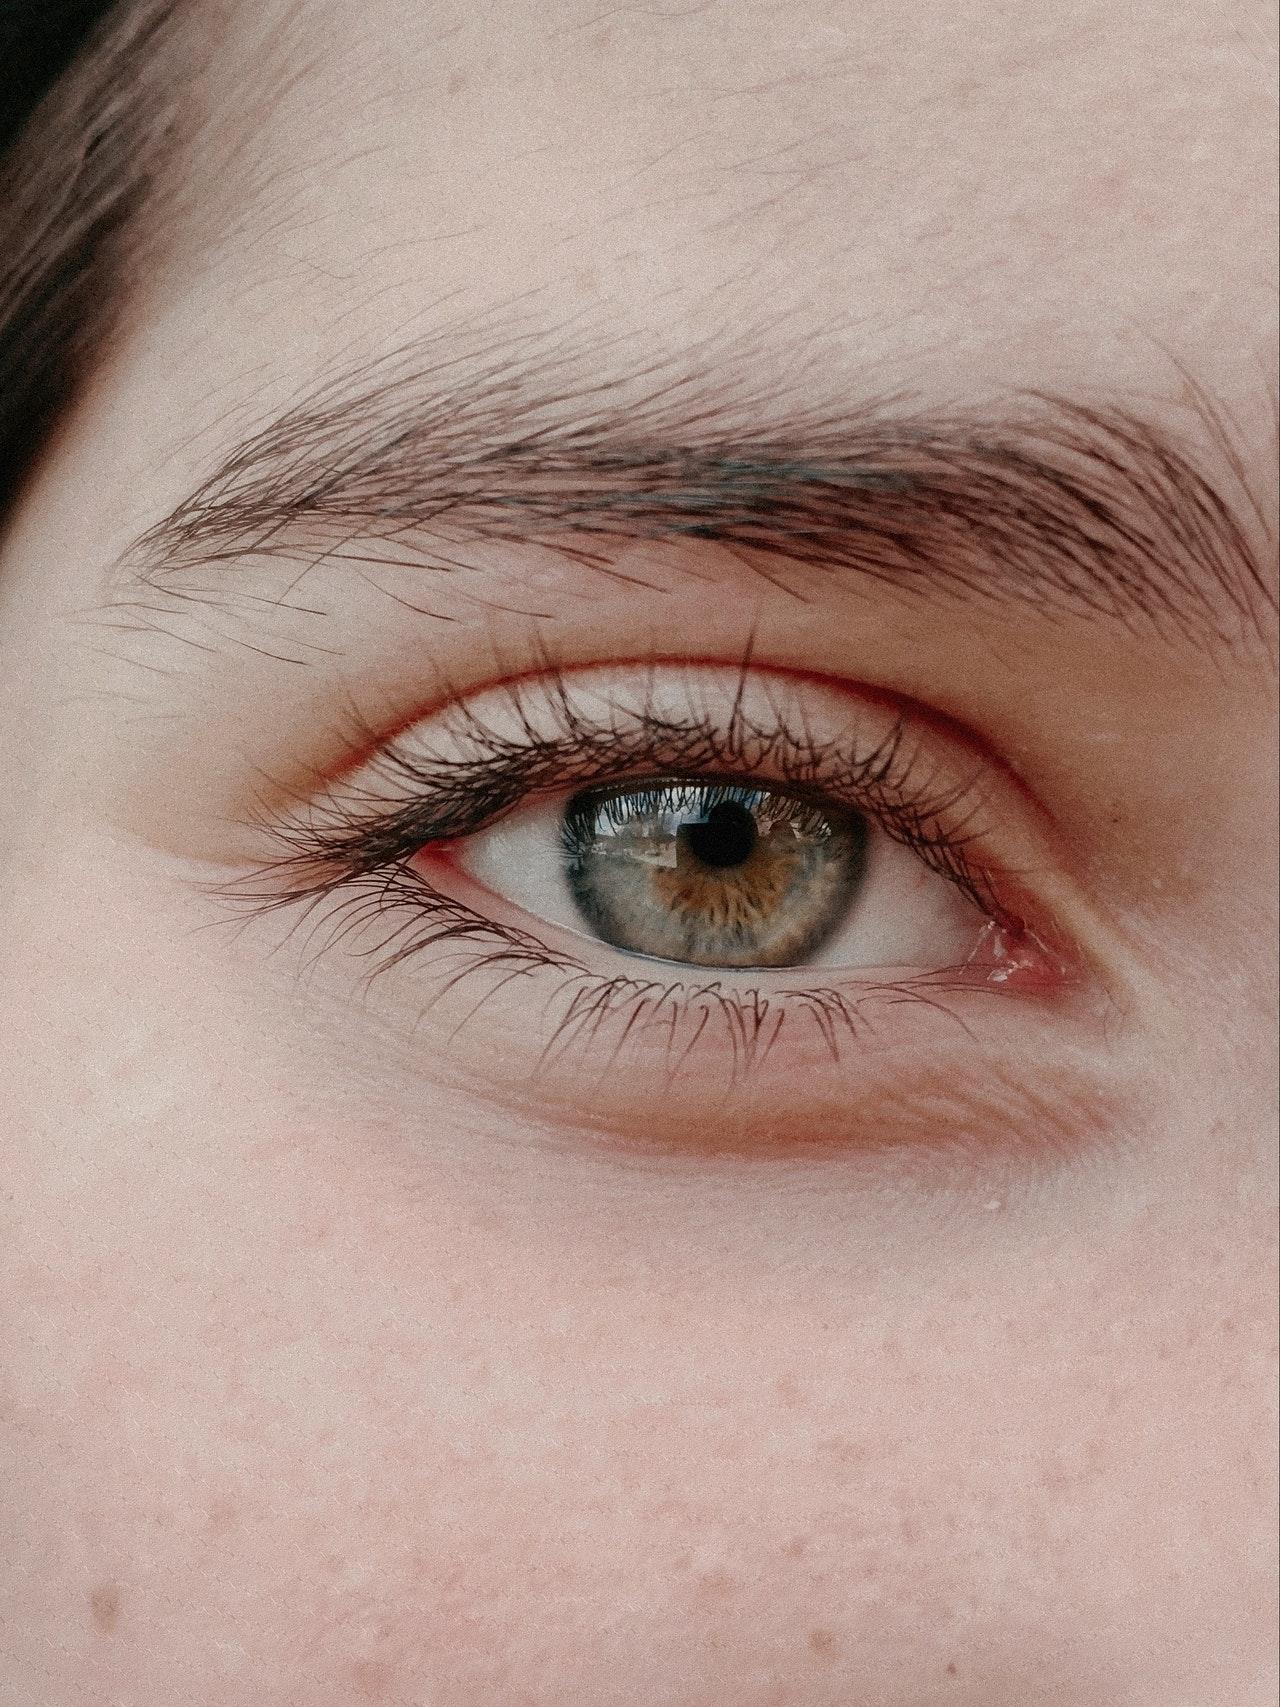 Göz Altı Kırışıklıkları İçin Çözümler